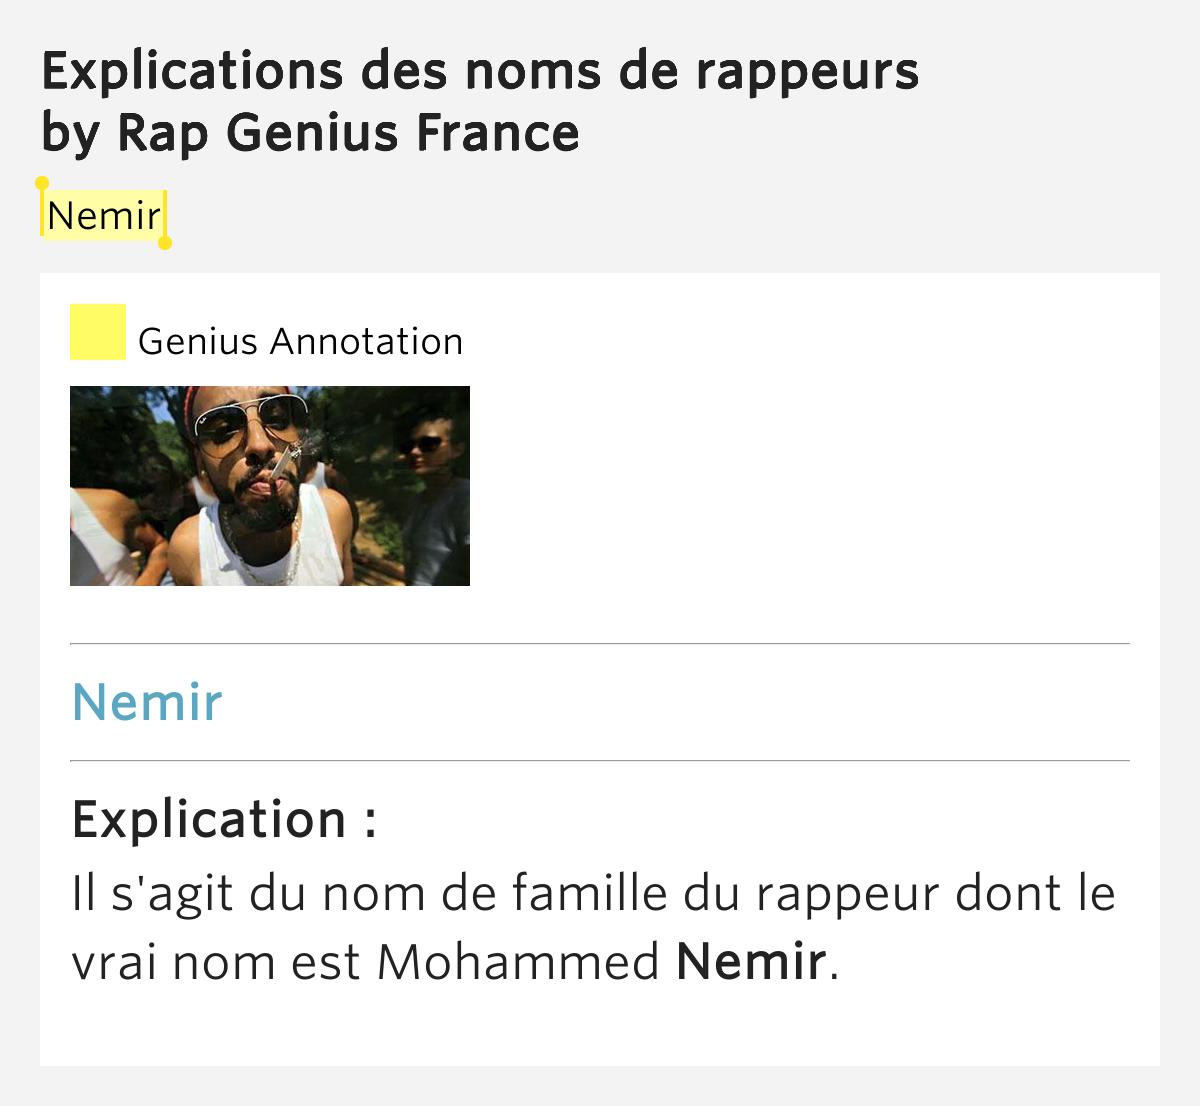 nemir explications des noms de rappeurs by rap genius france